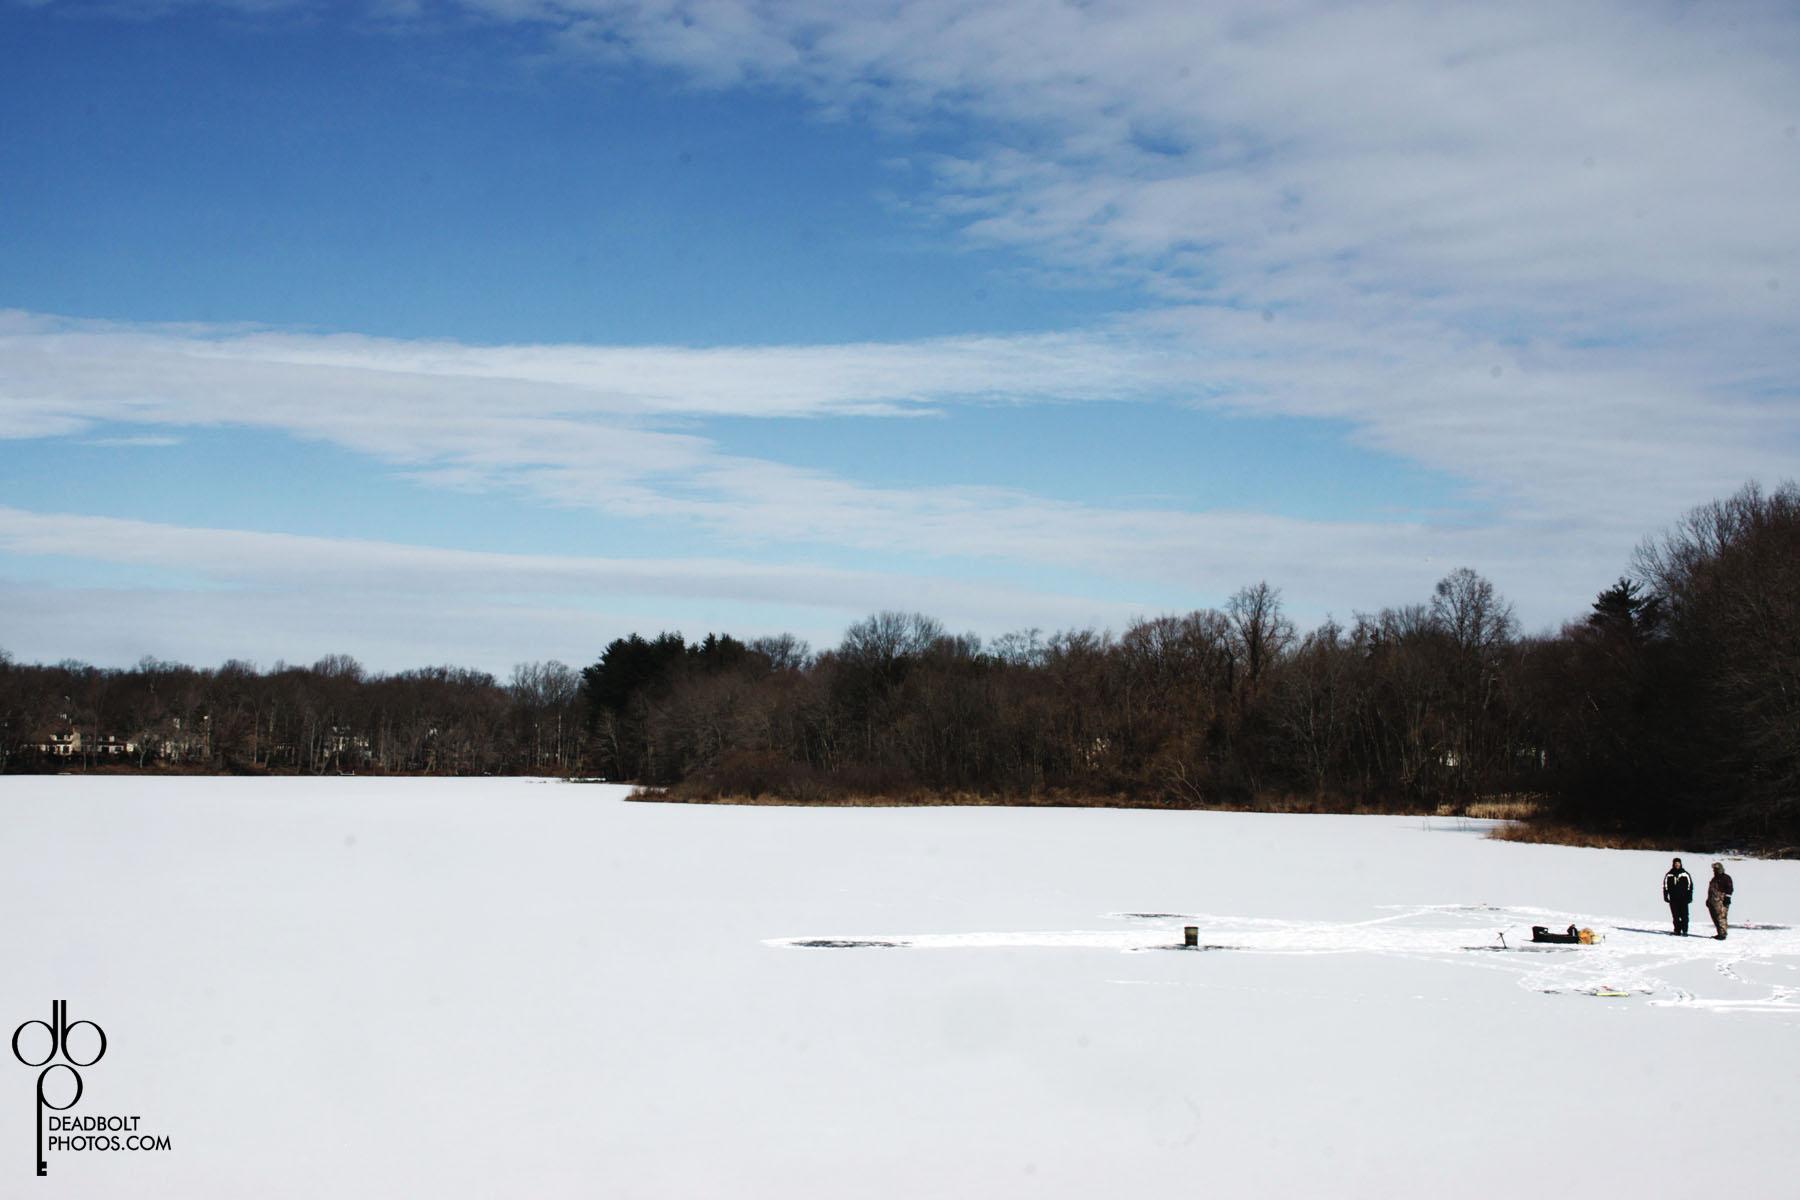 Ice Fishing takes balls.